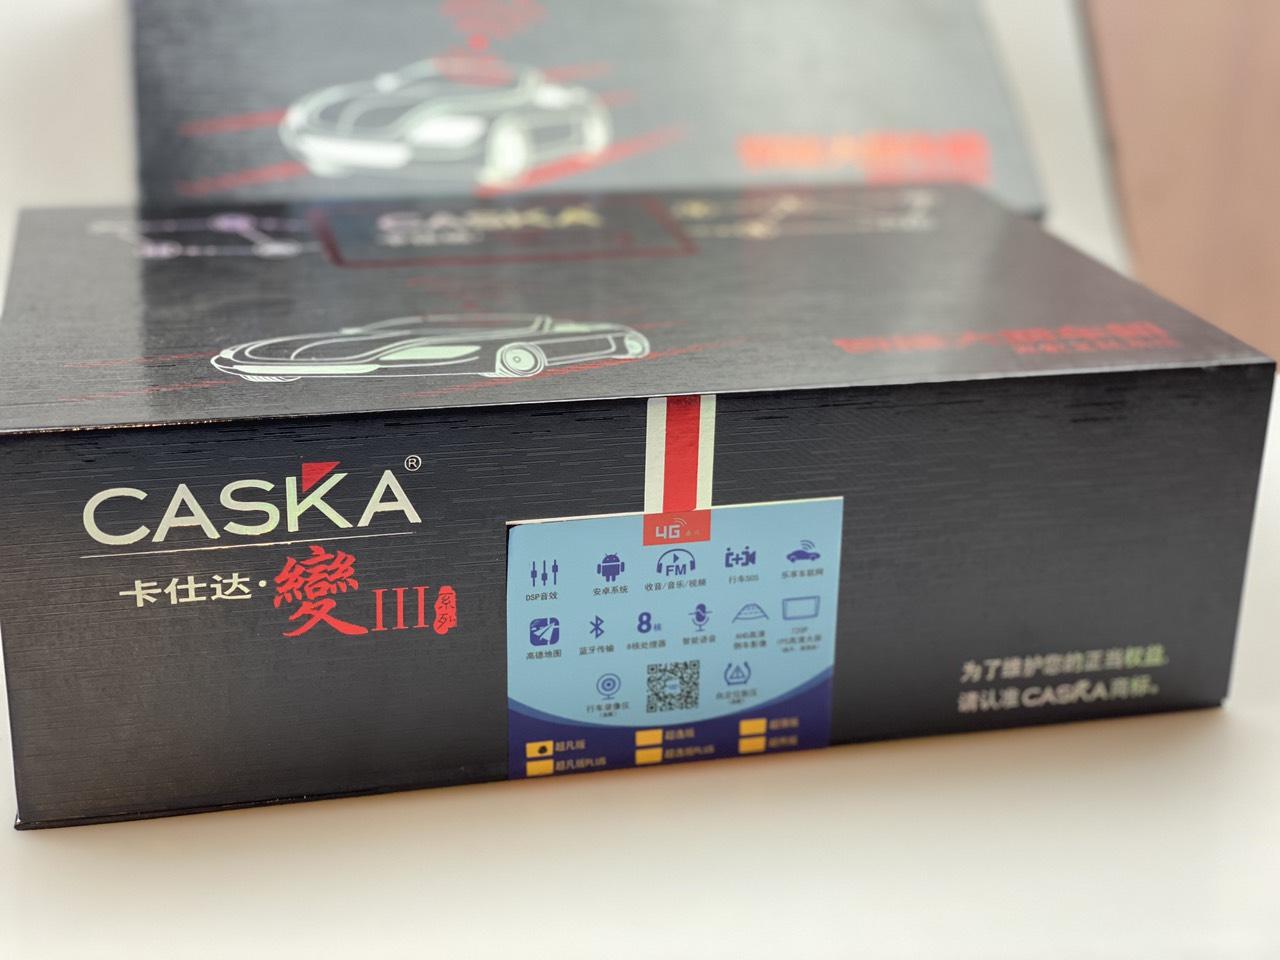 MÀN HÌNH ANDROID DVD CASKA 4G LTE